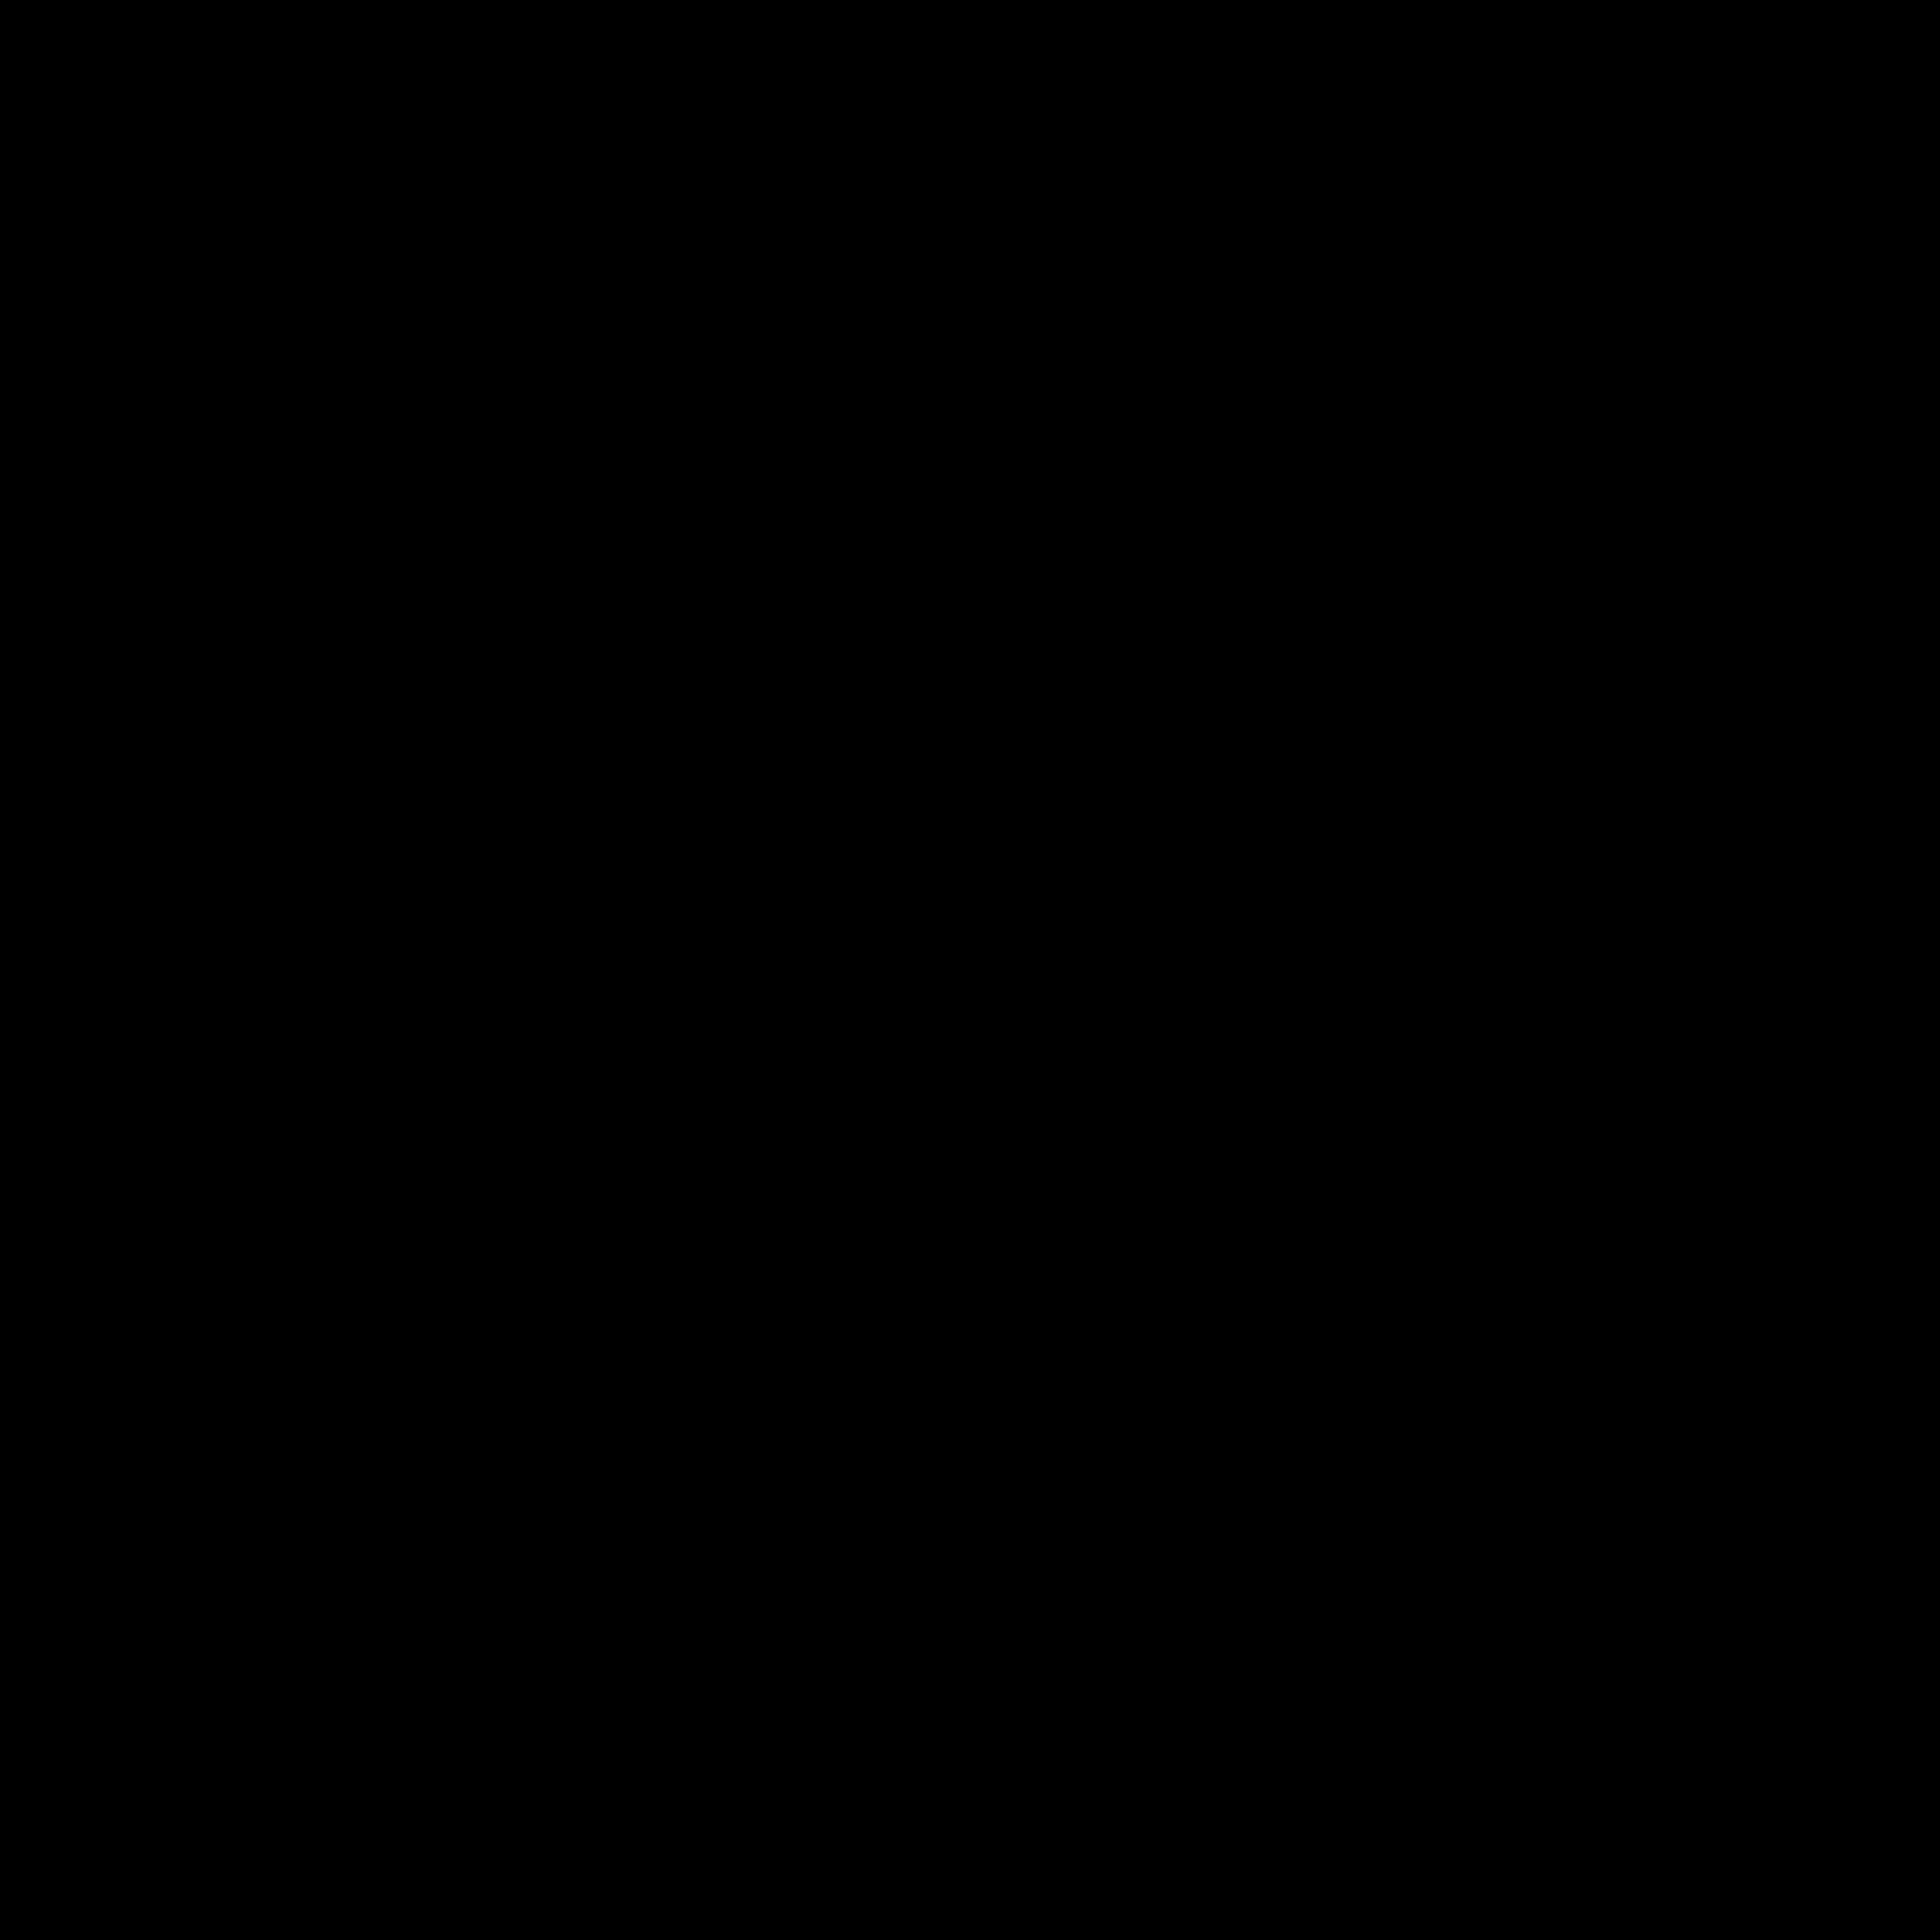 APPLIQUE LIGHTBOX PERSONNALISABLE SABER ZUIVER SUR 3SUISSES.FR – 149€